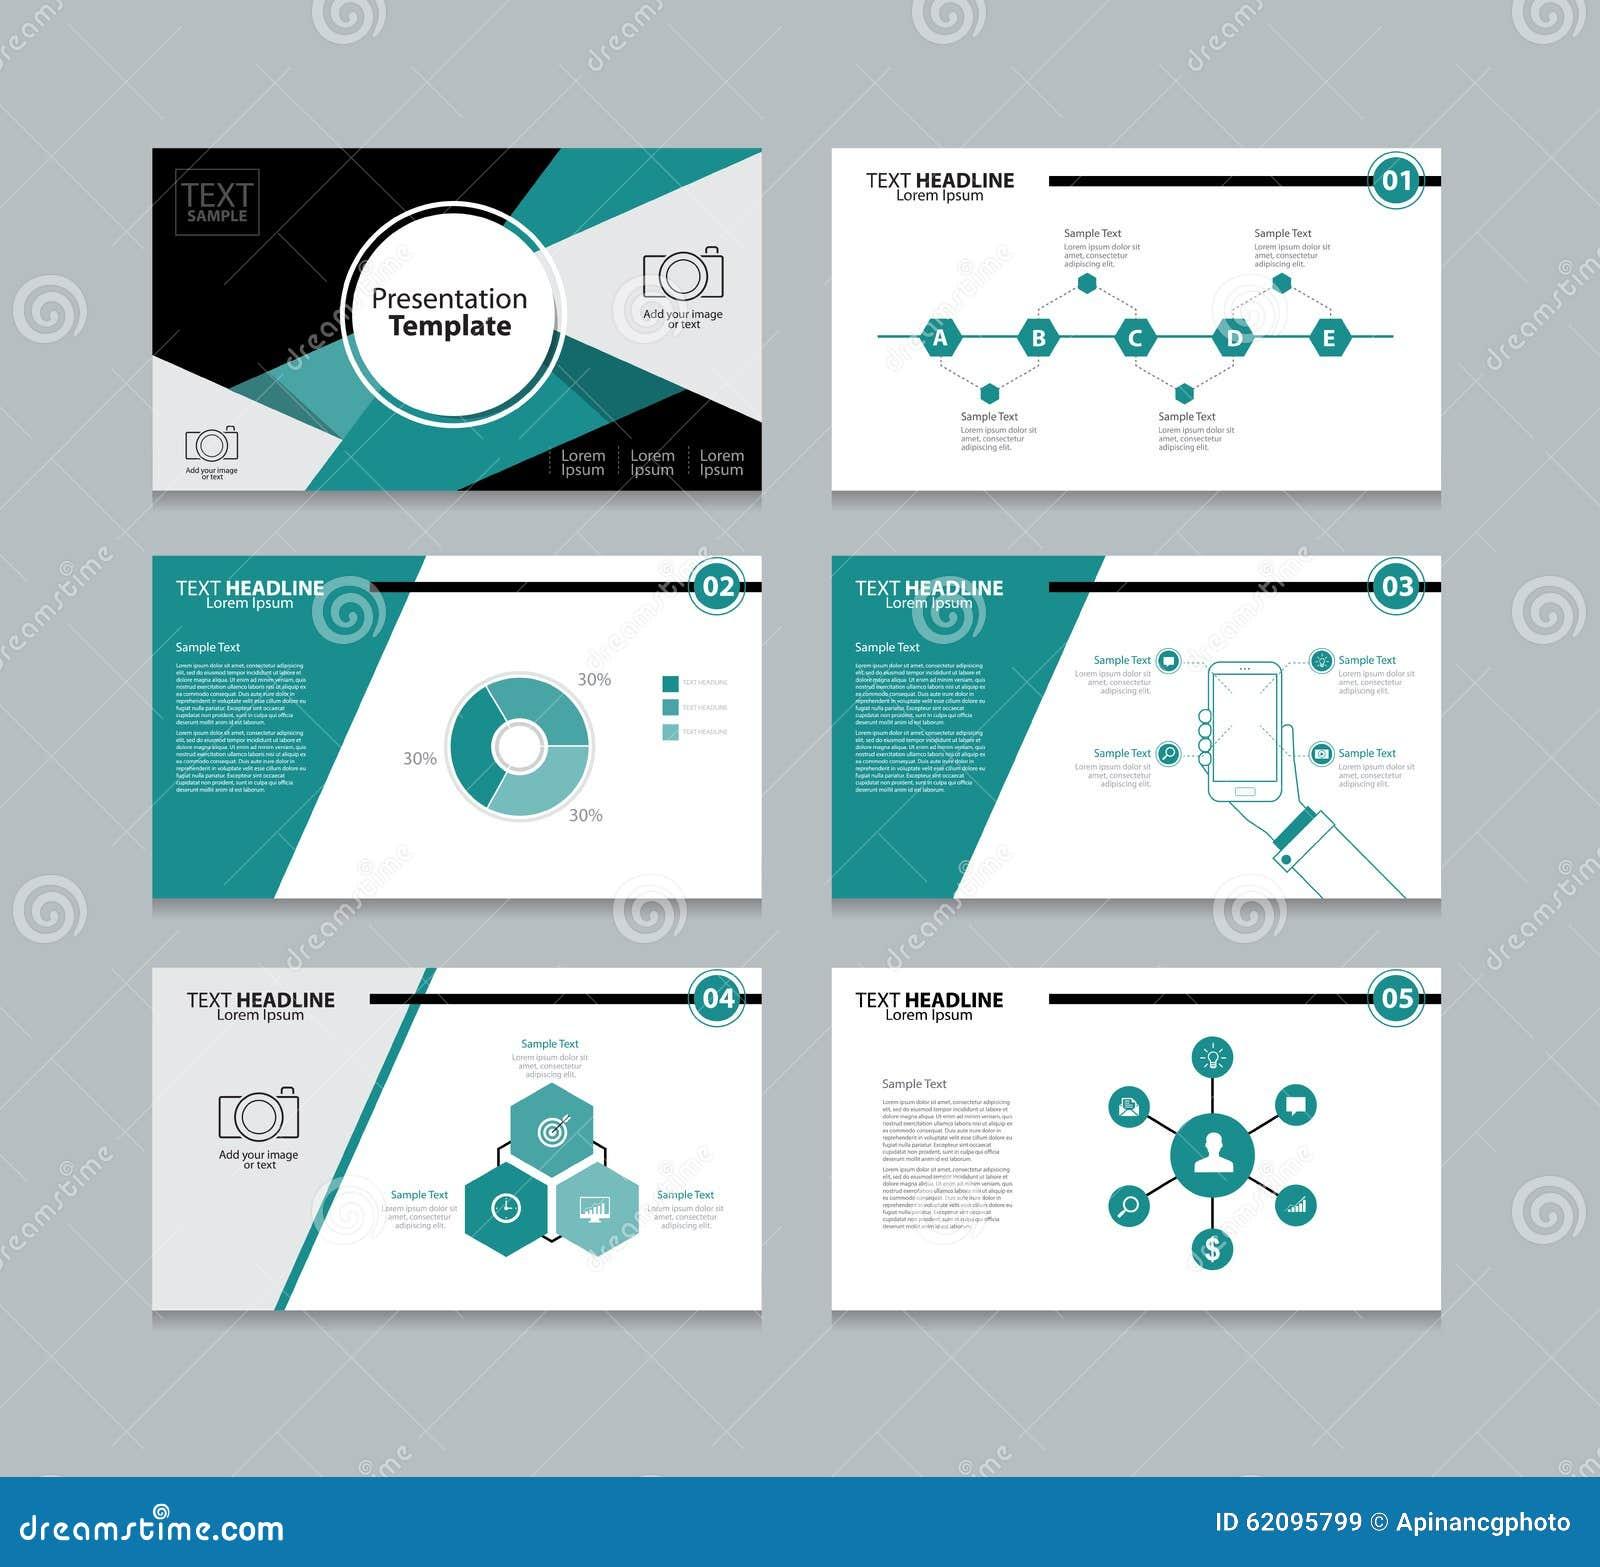 abstract vector template presentation slides background design stock vector illustration of. Black Bedroom Furniture Sets. Home Design Ideas